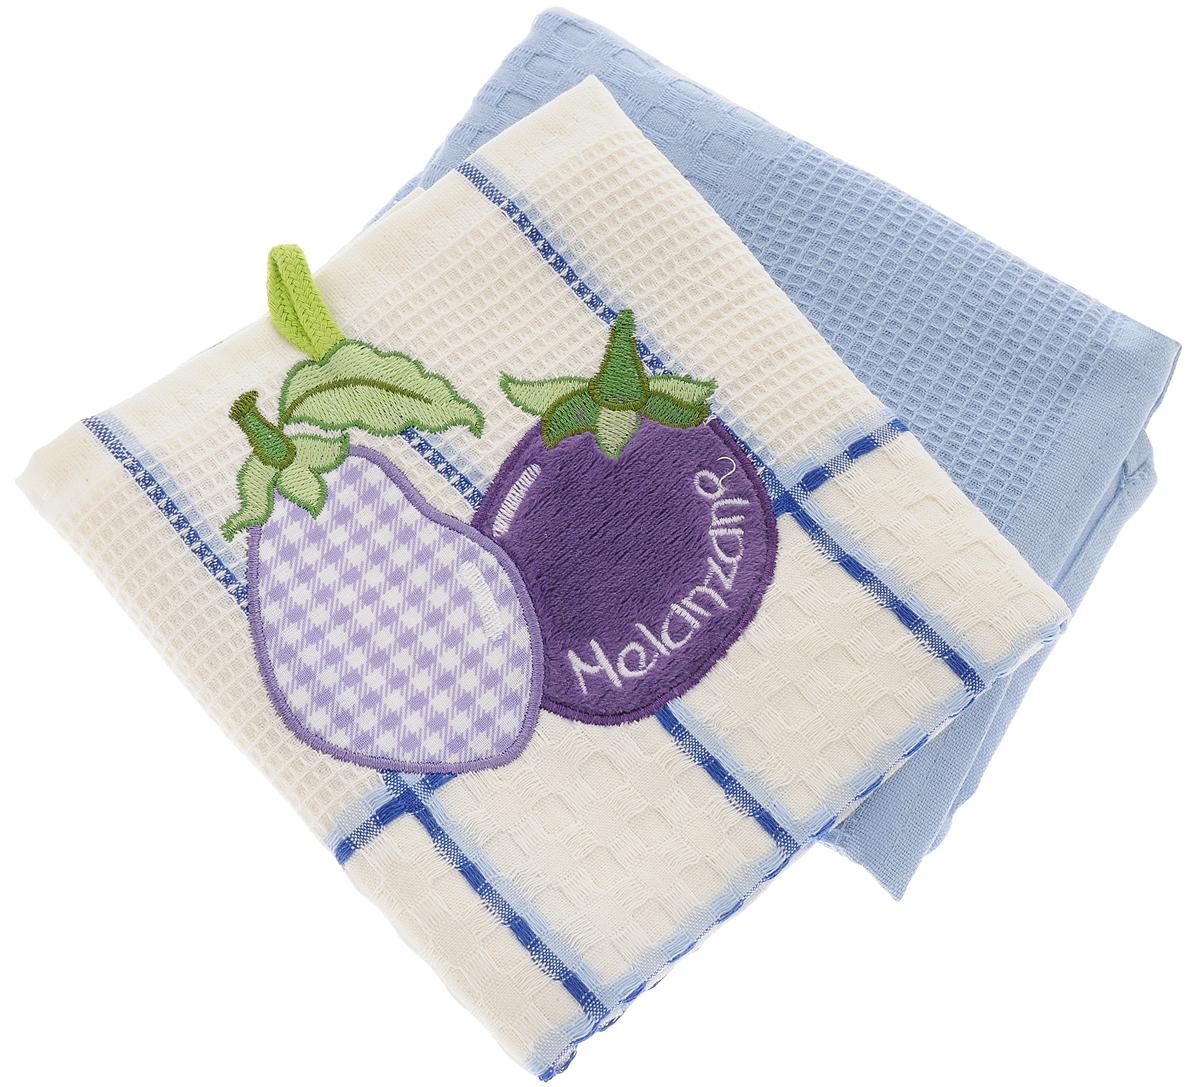 """Набор кухонных полотенец Bonita """"Баклажан"""", цвет: белый, голубой, 45 х 70 см, 2 шт"""